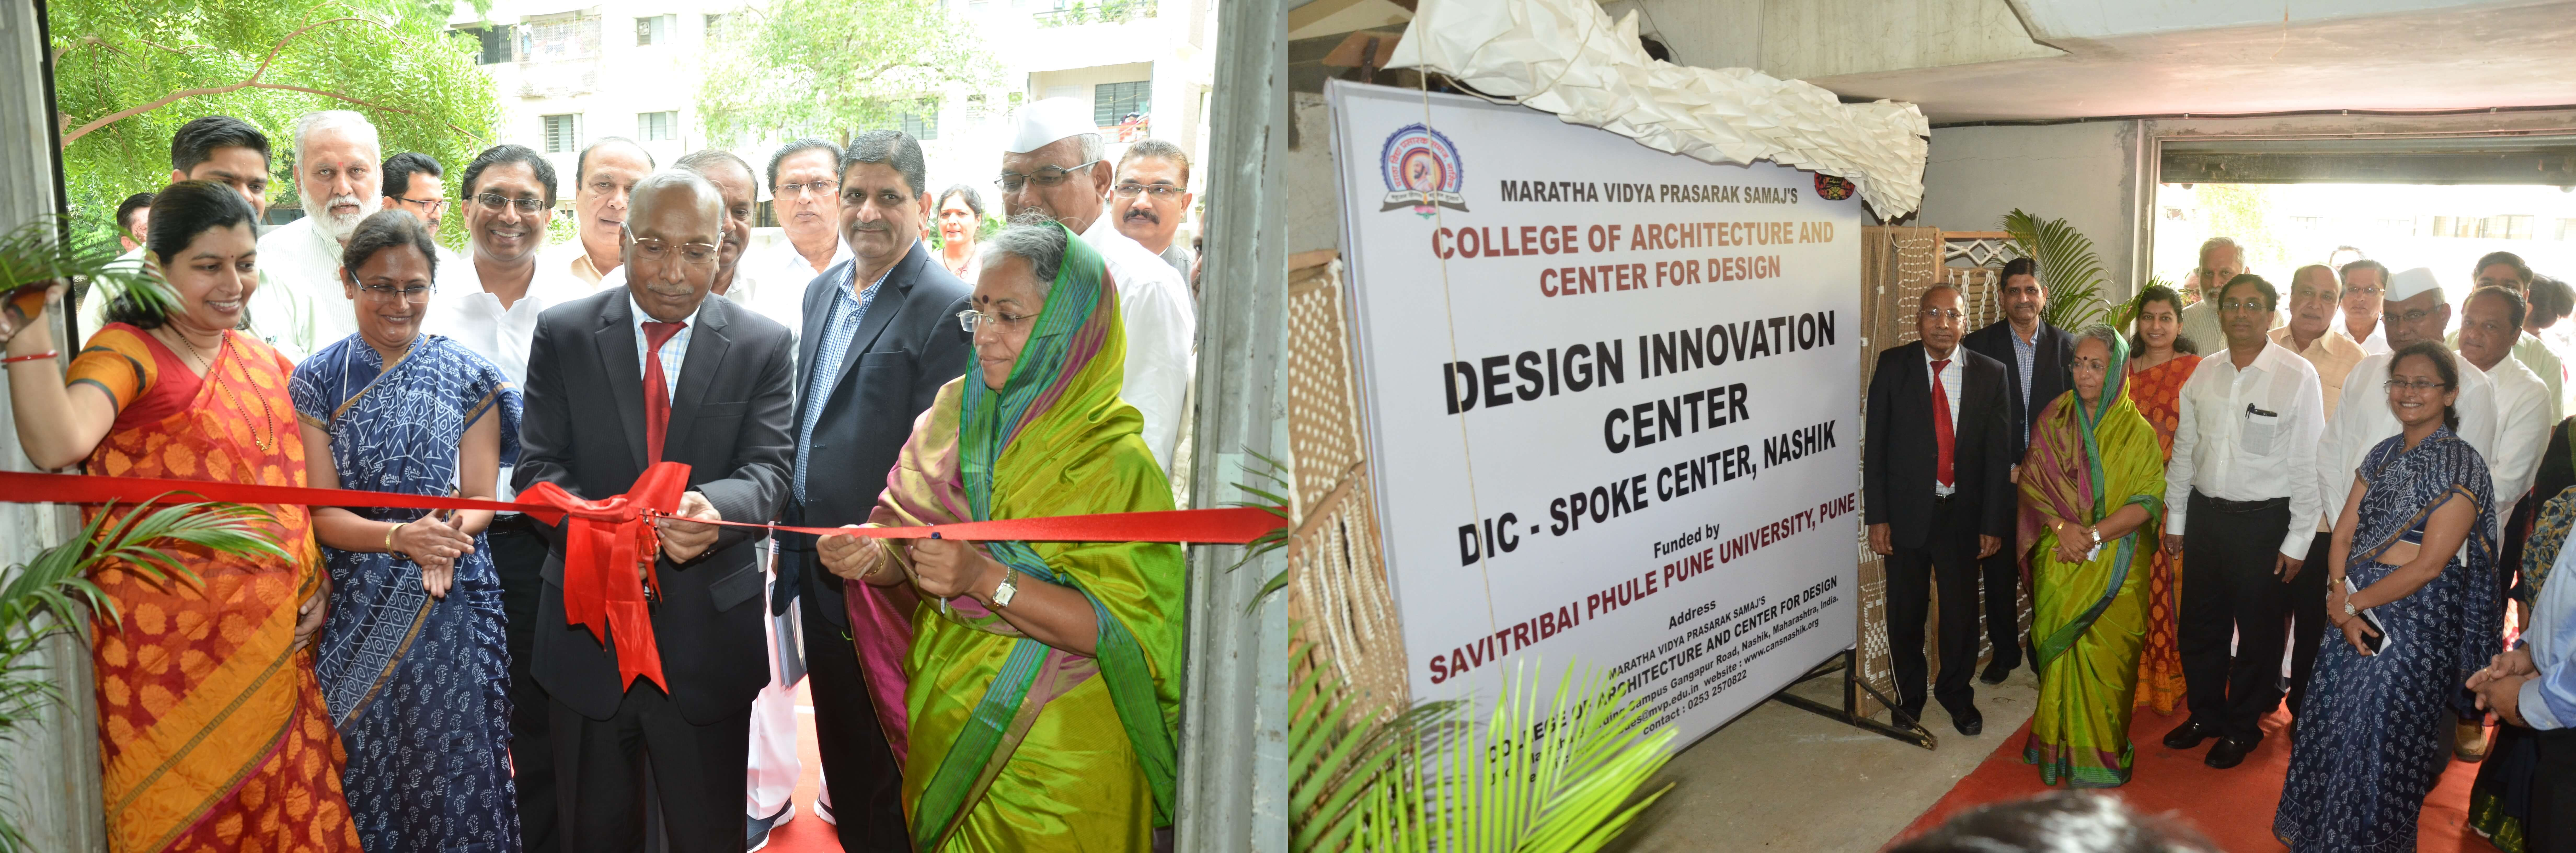 मविप्रच्या Design Innovation Center चे उद्घाटन करतांना पुणे विद्यापीठाचे कुलगुरू! डॉ. वासुदेव गाडे